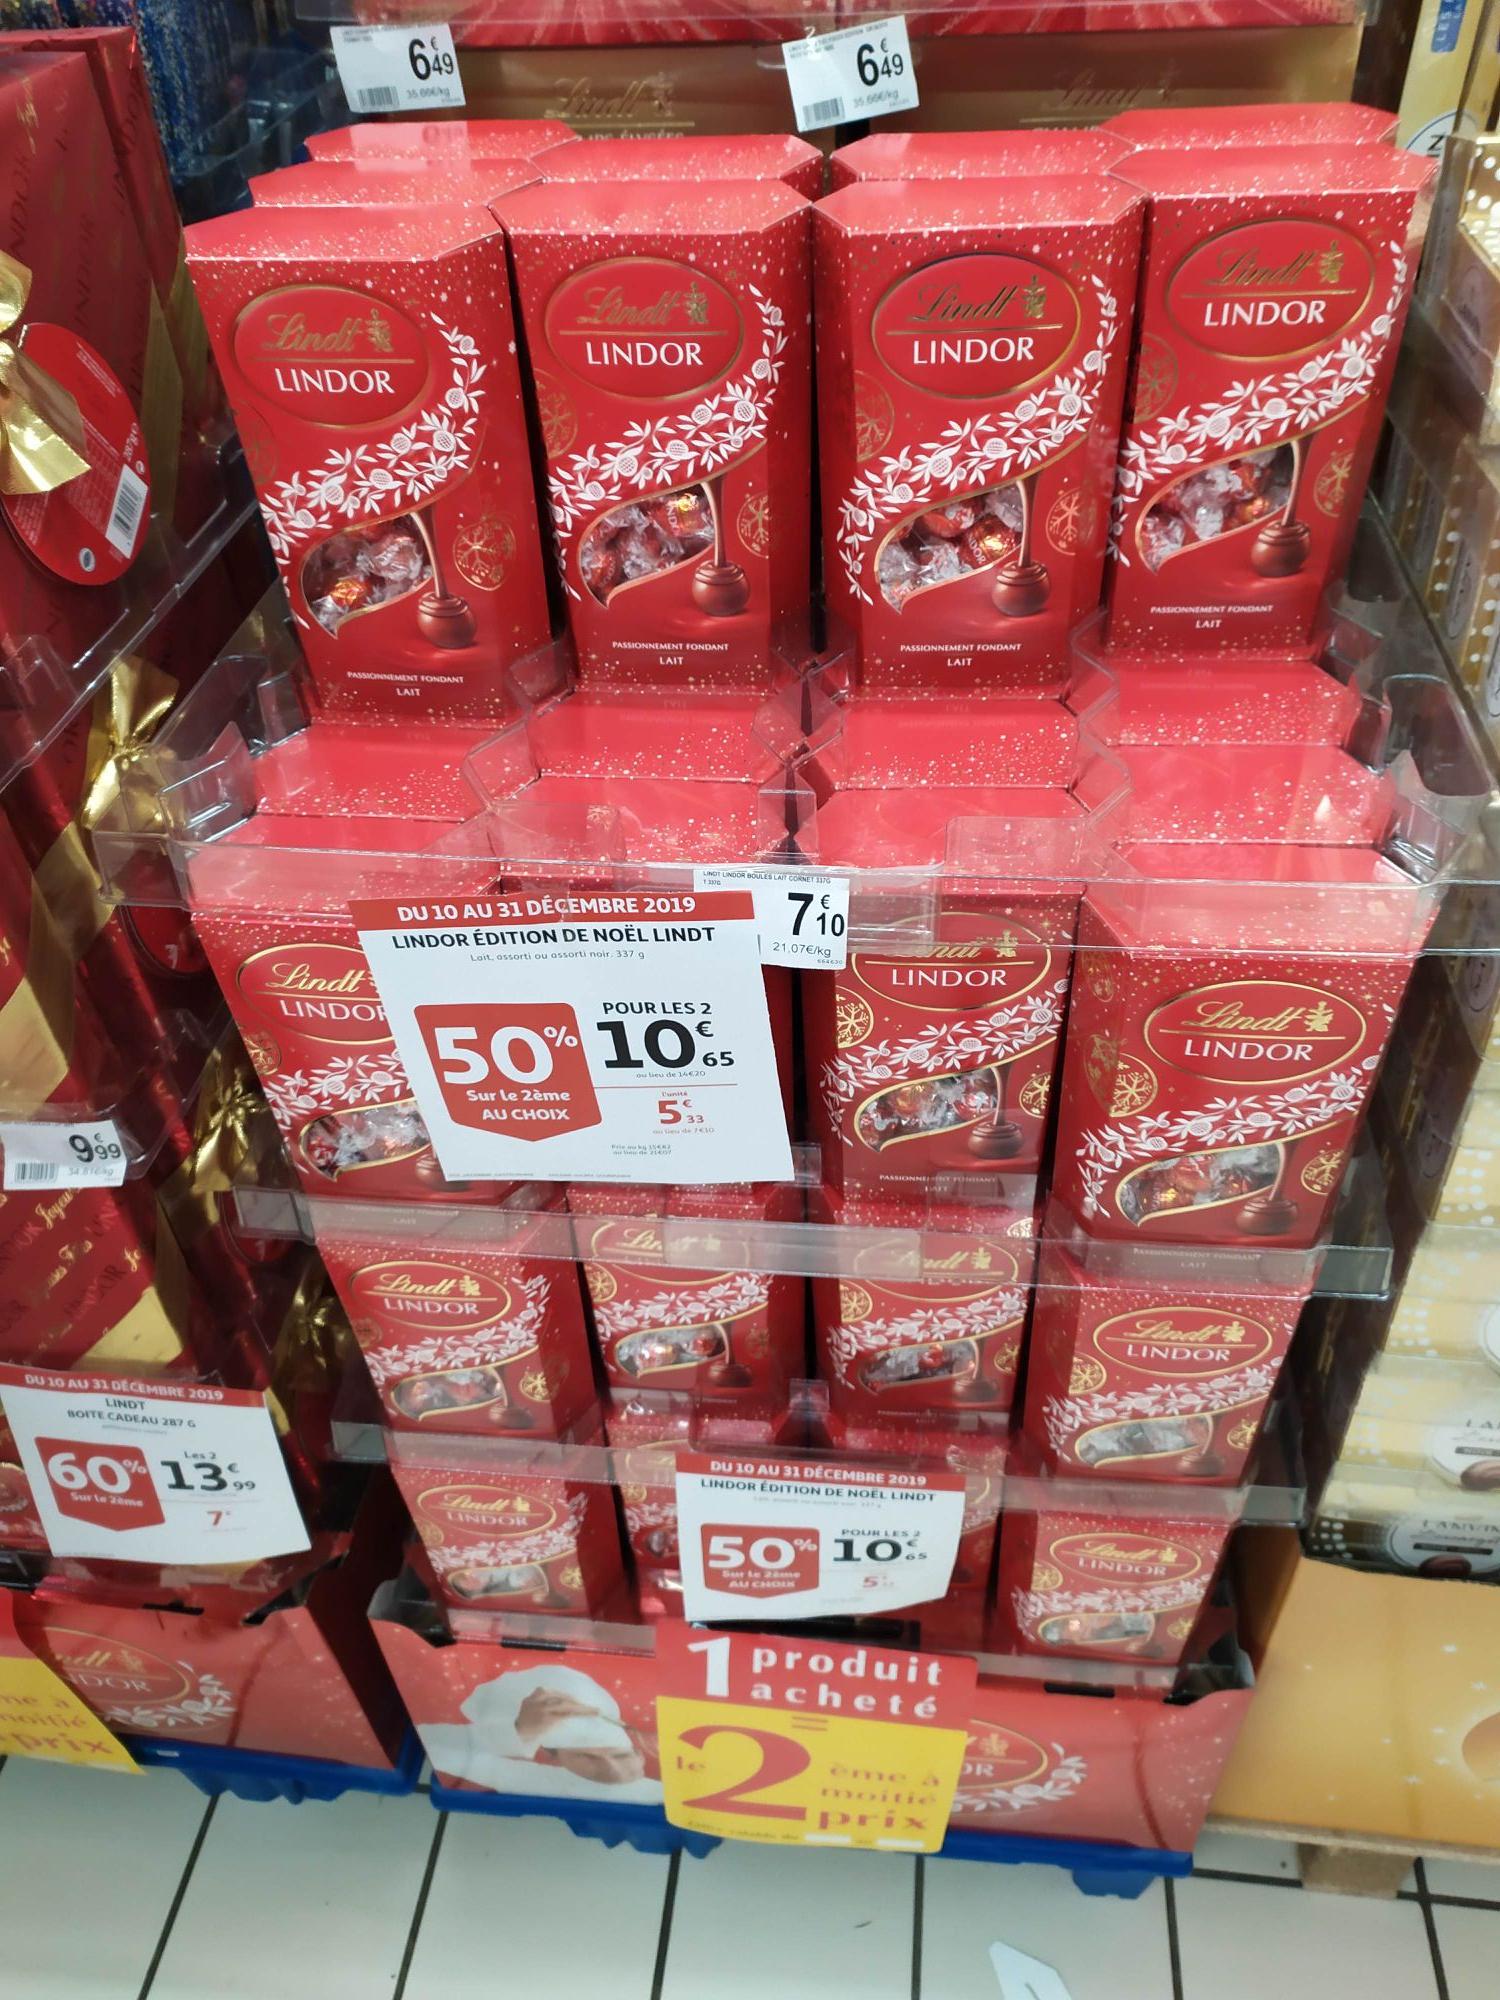 Lot de 2 boites de chocolat Lindt Lindor Editions Noël - Soisy (95)